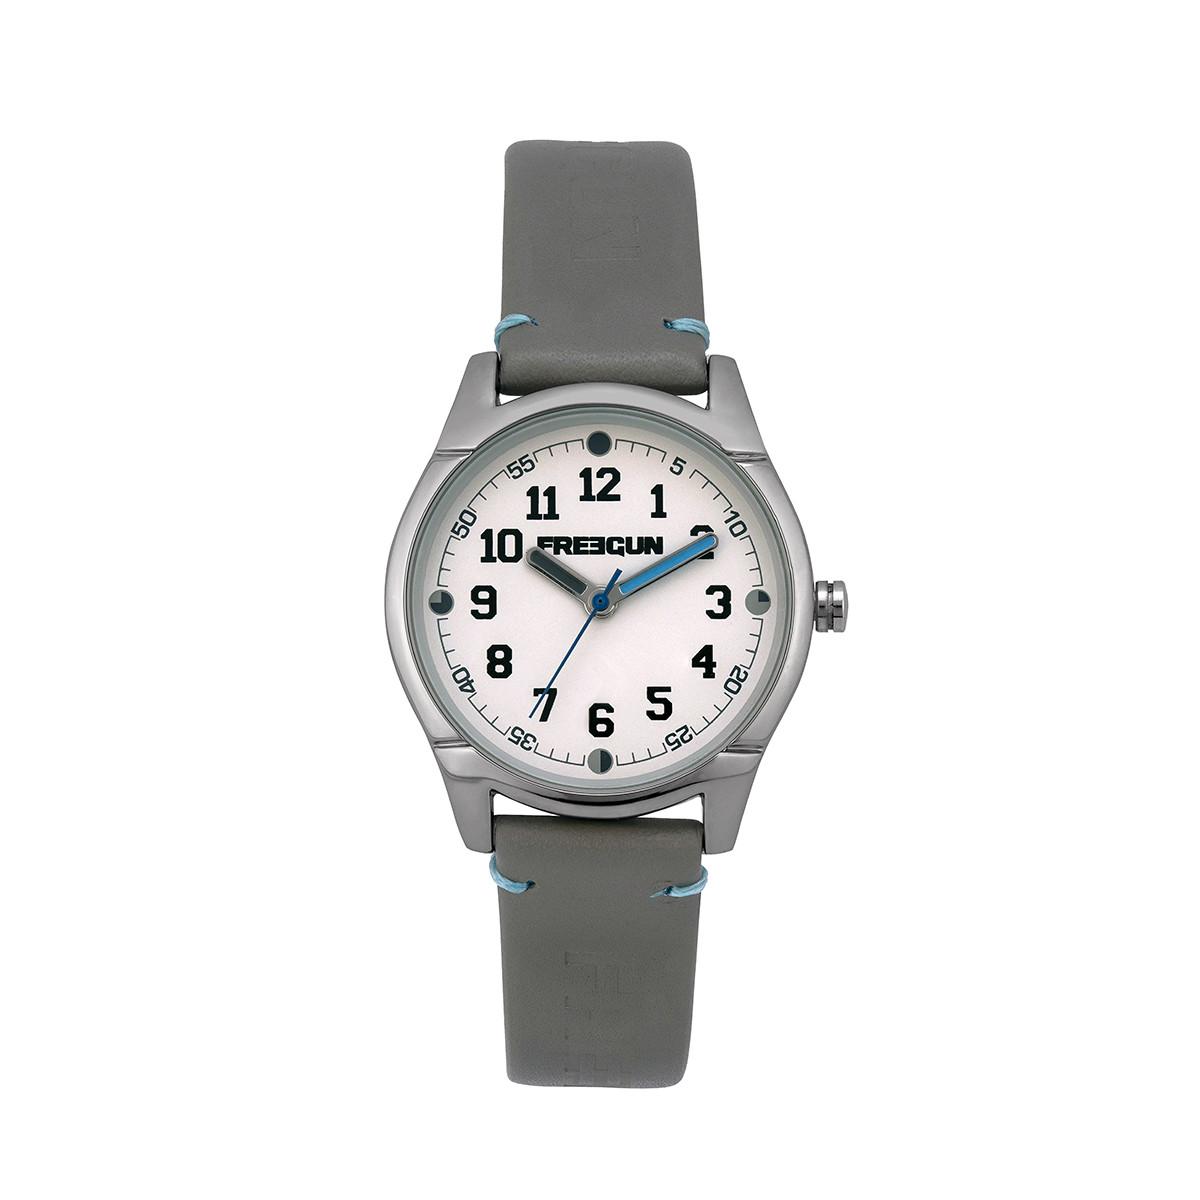 Montre Garçon Freegun Varial Bracelet en cuir gris - EE5261